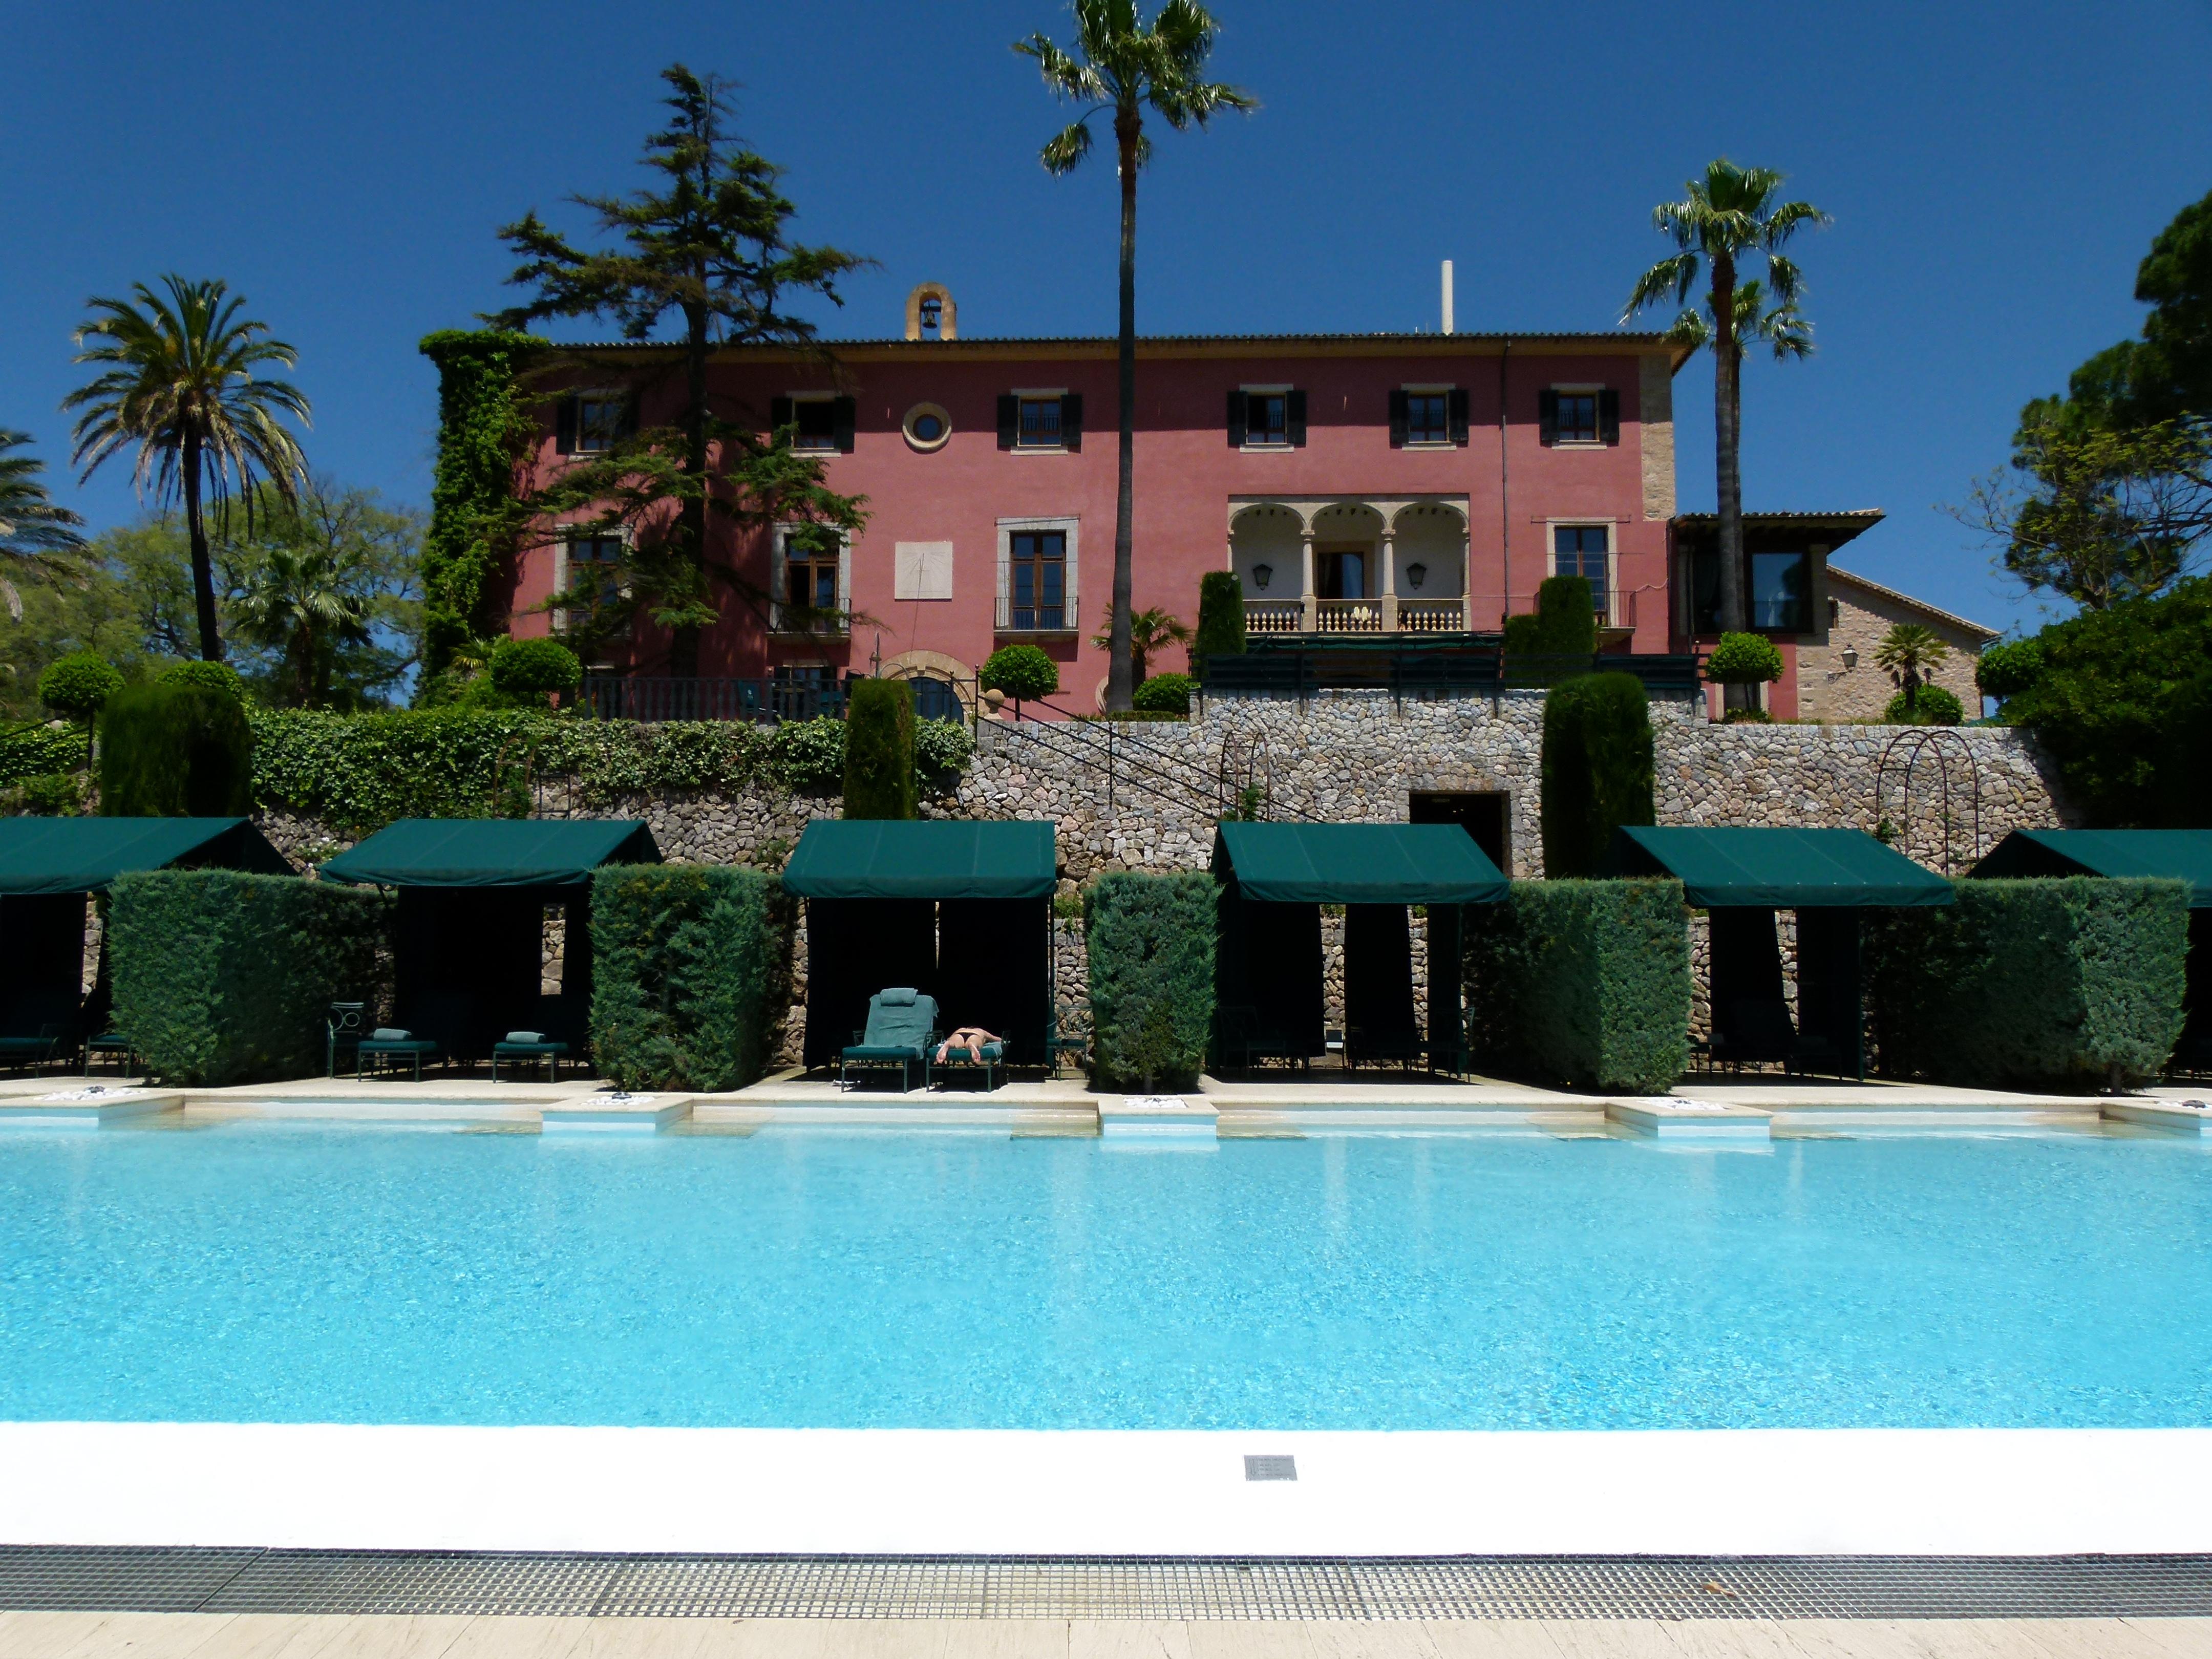 Bestes Hotel Auf Malta